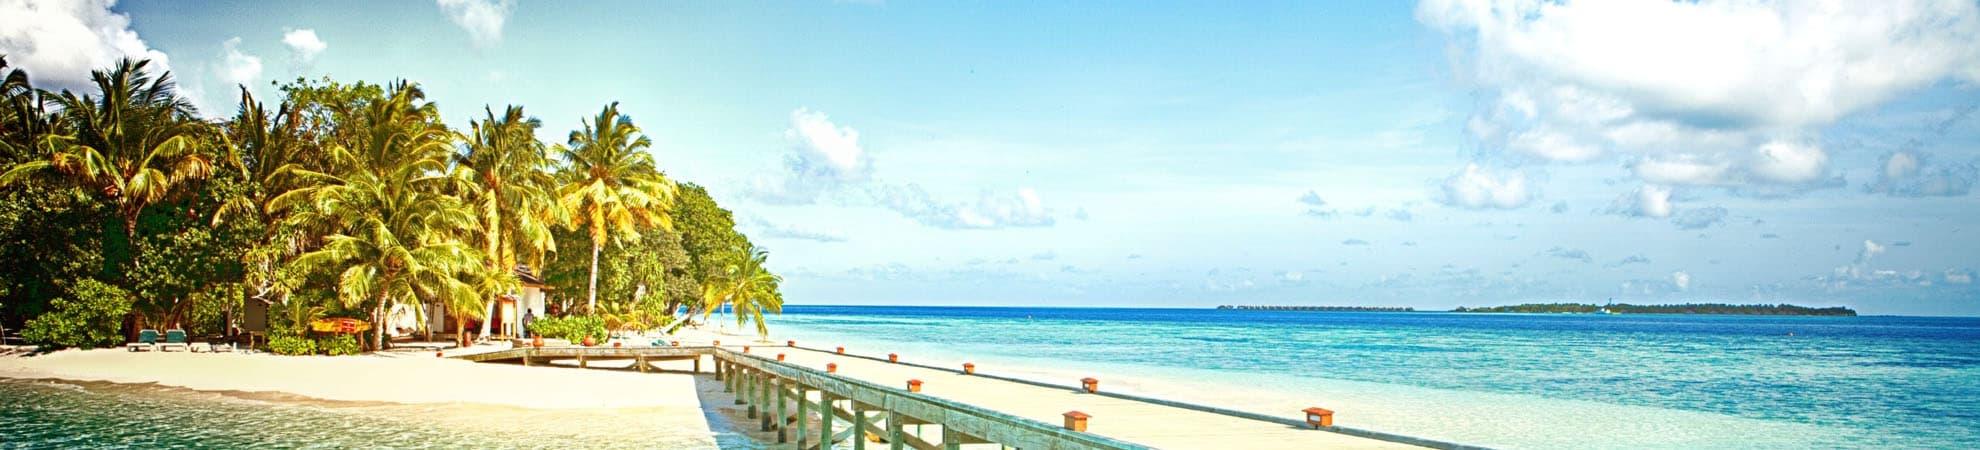 Croisière Maldives avec Marco Vasco